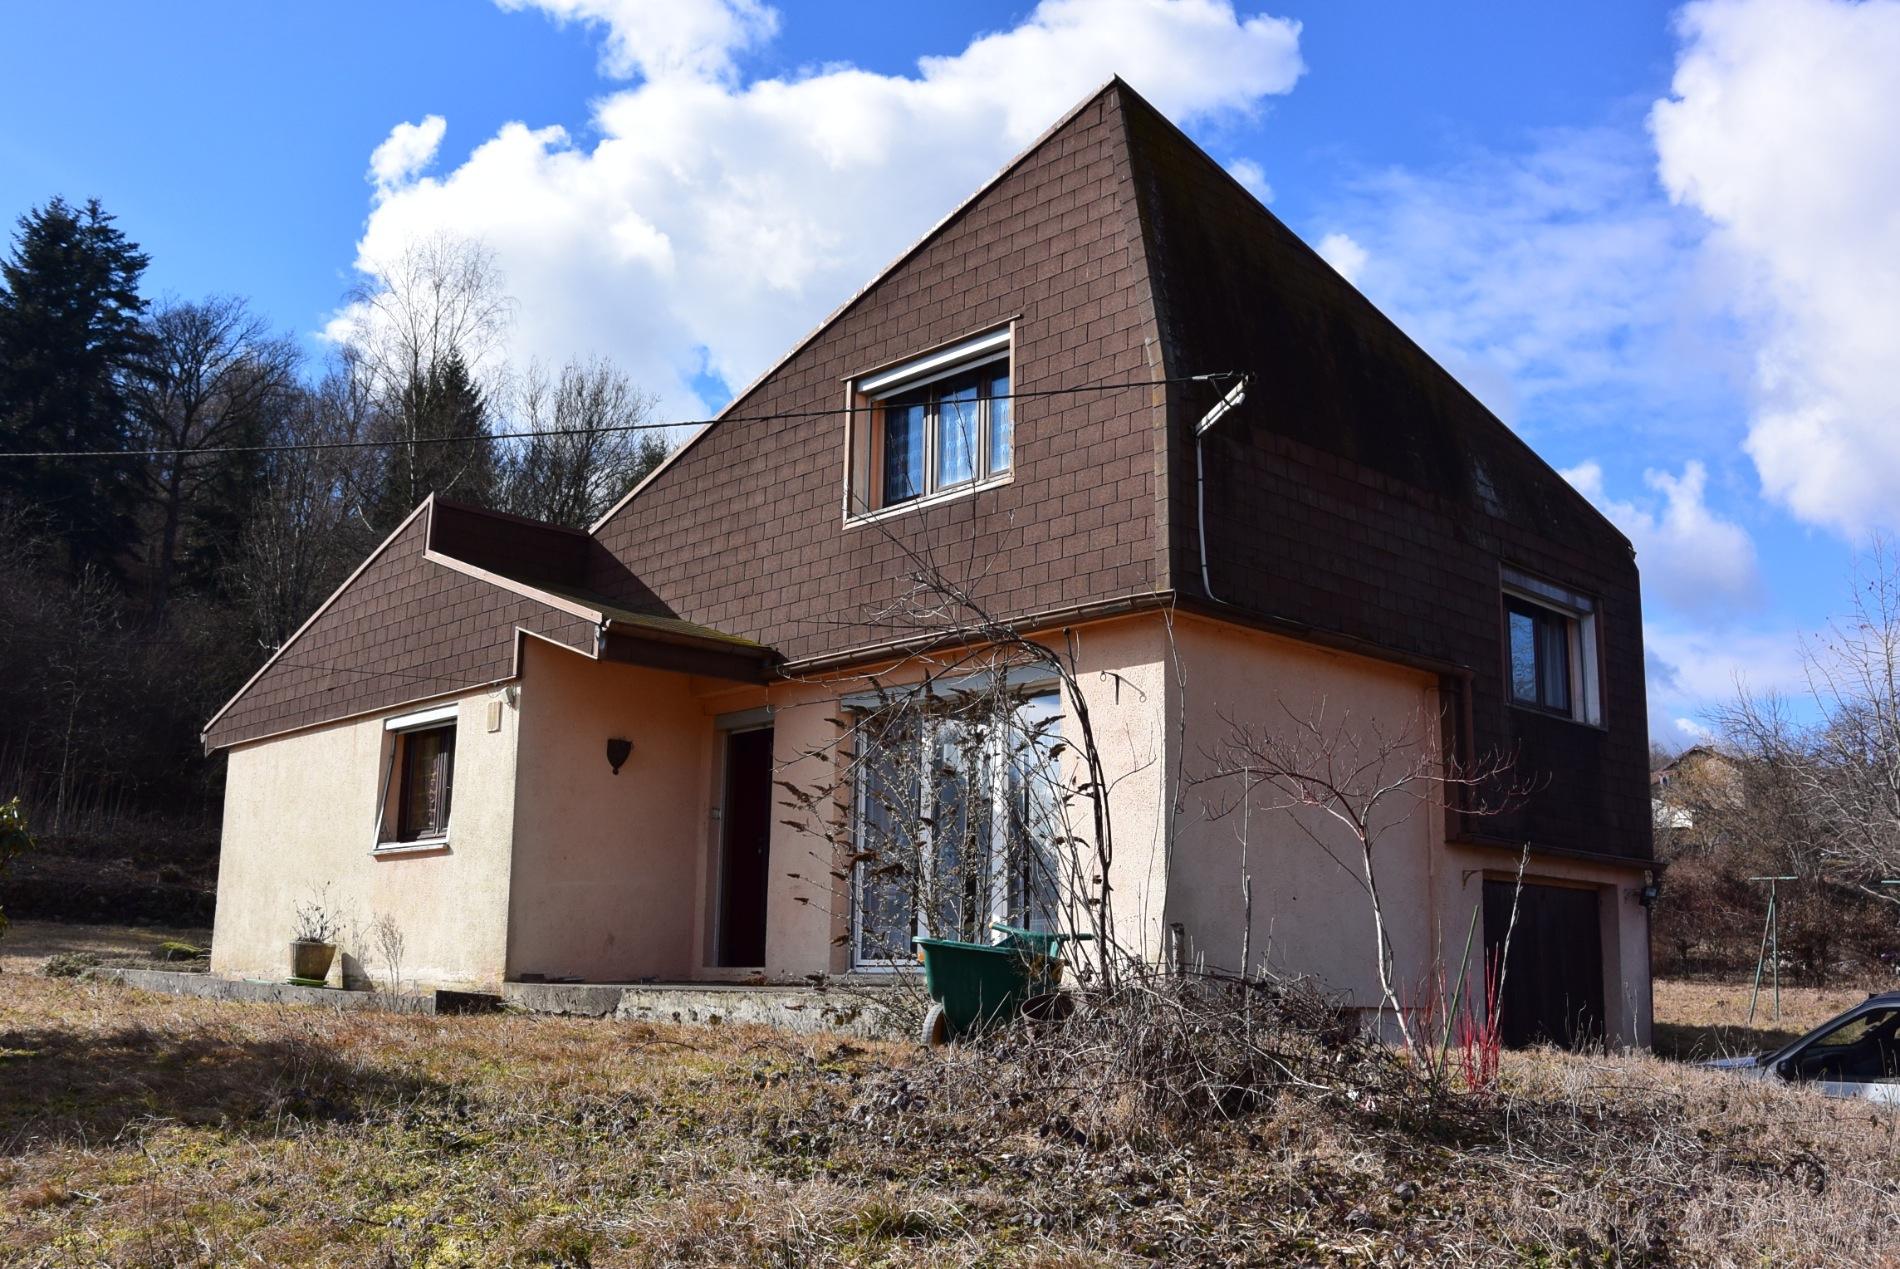 Vente maison plancher bas 70290 sur le partenaire for Vente de bien immobilier atypique